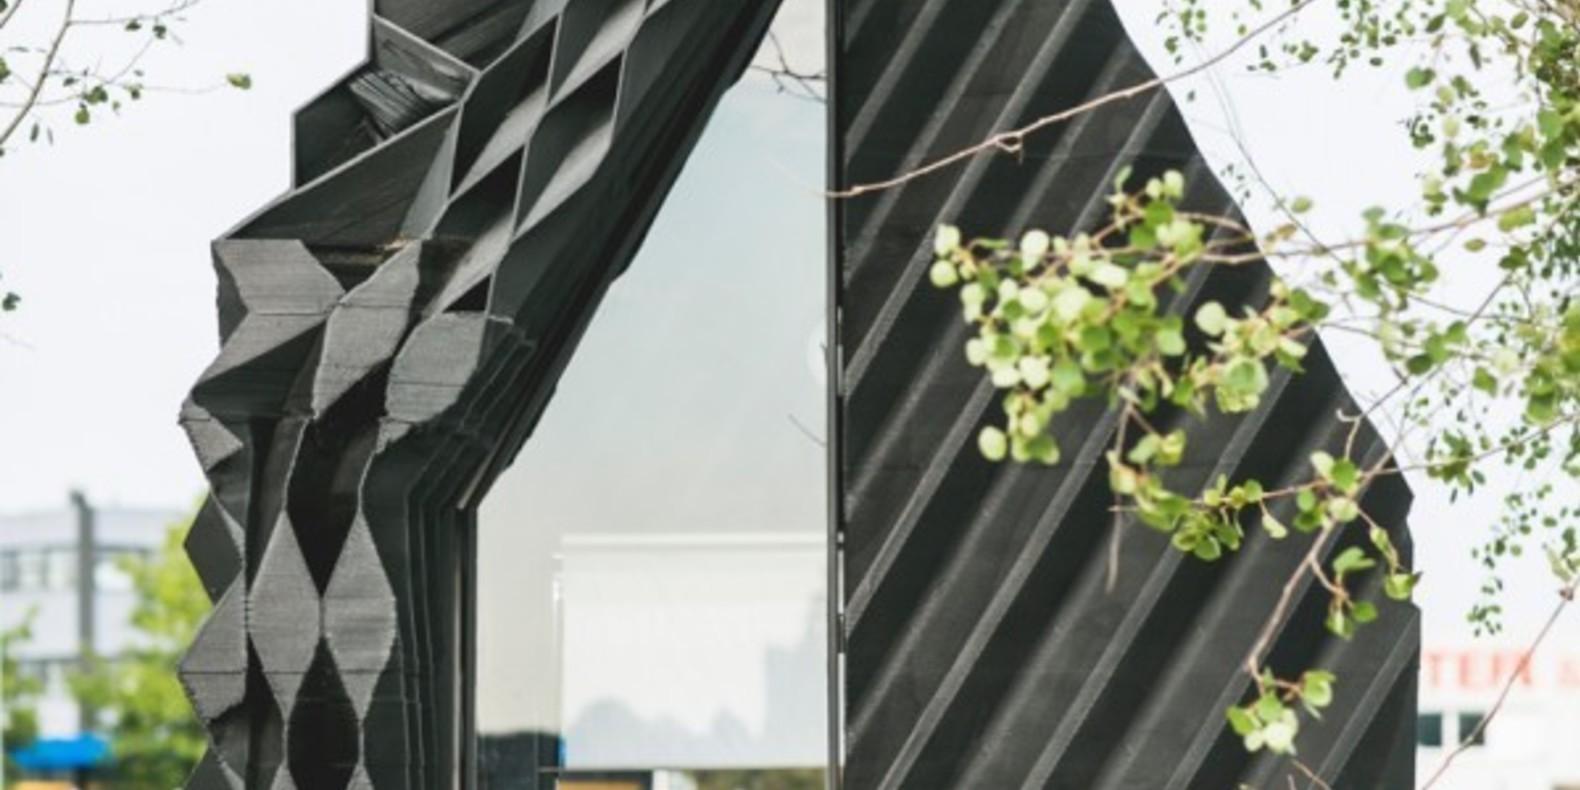 dus-architects-amsterdam-fichier-3d-cults-maison-imprimee-en-3d-3